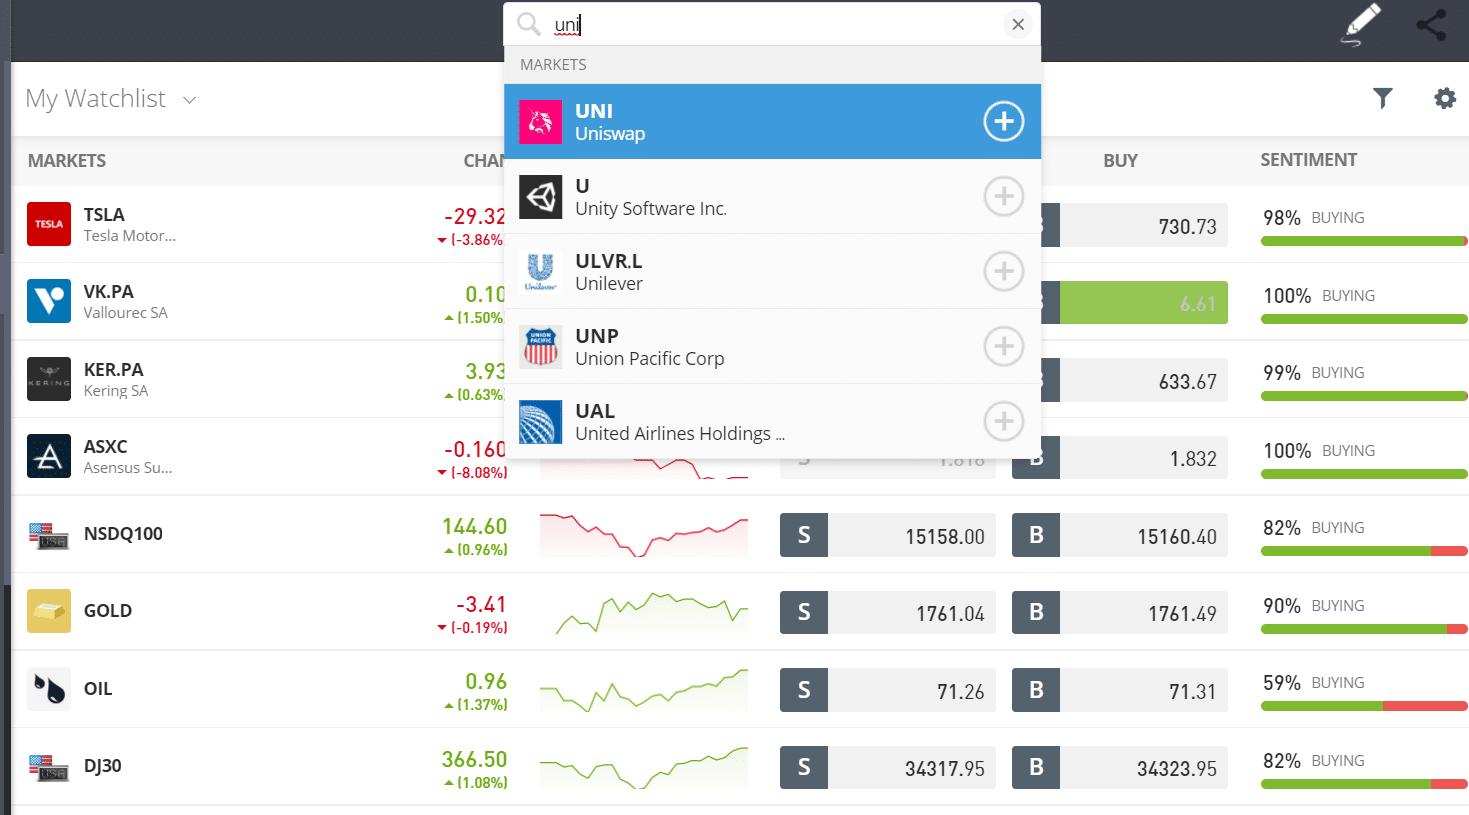 eToro invest in Uniswap